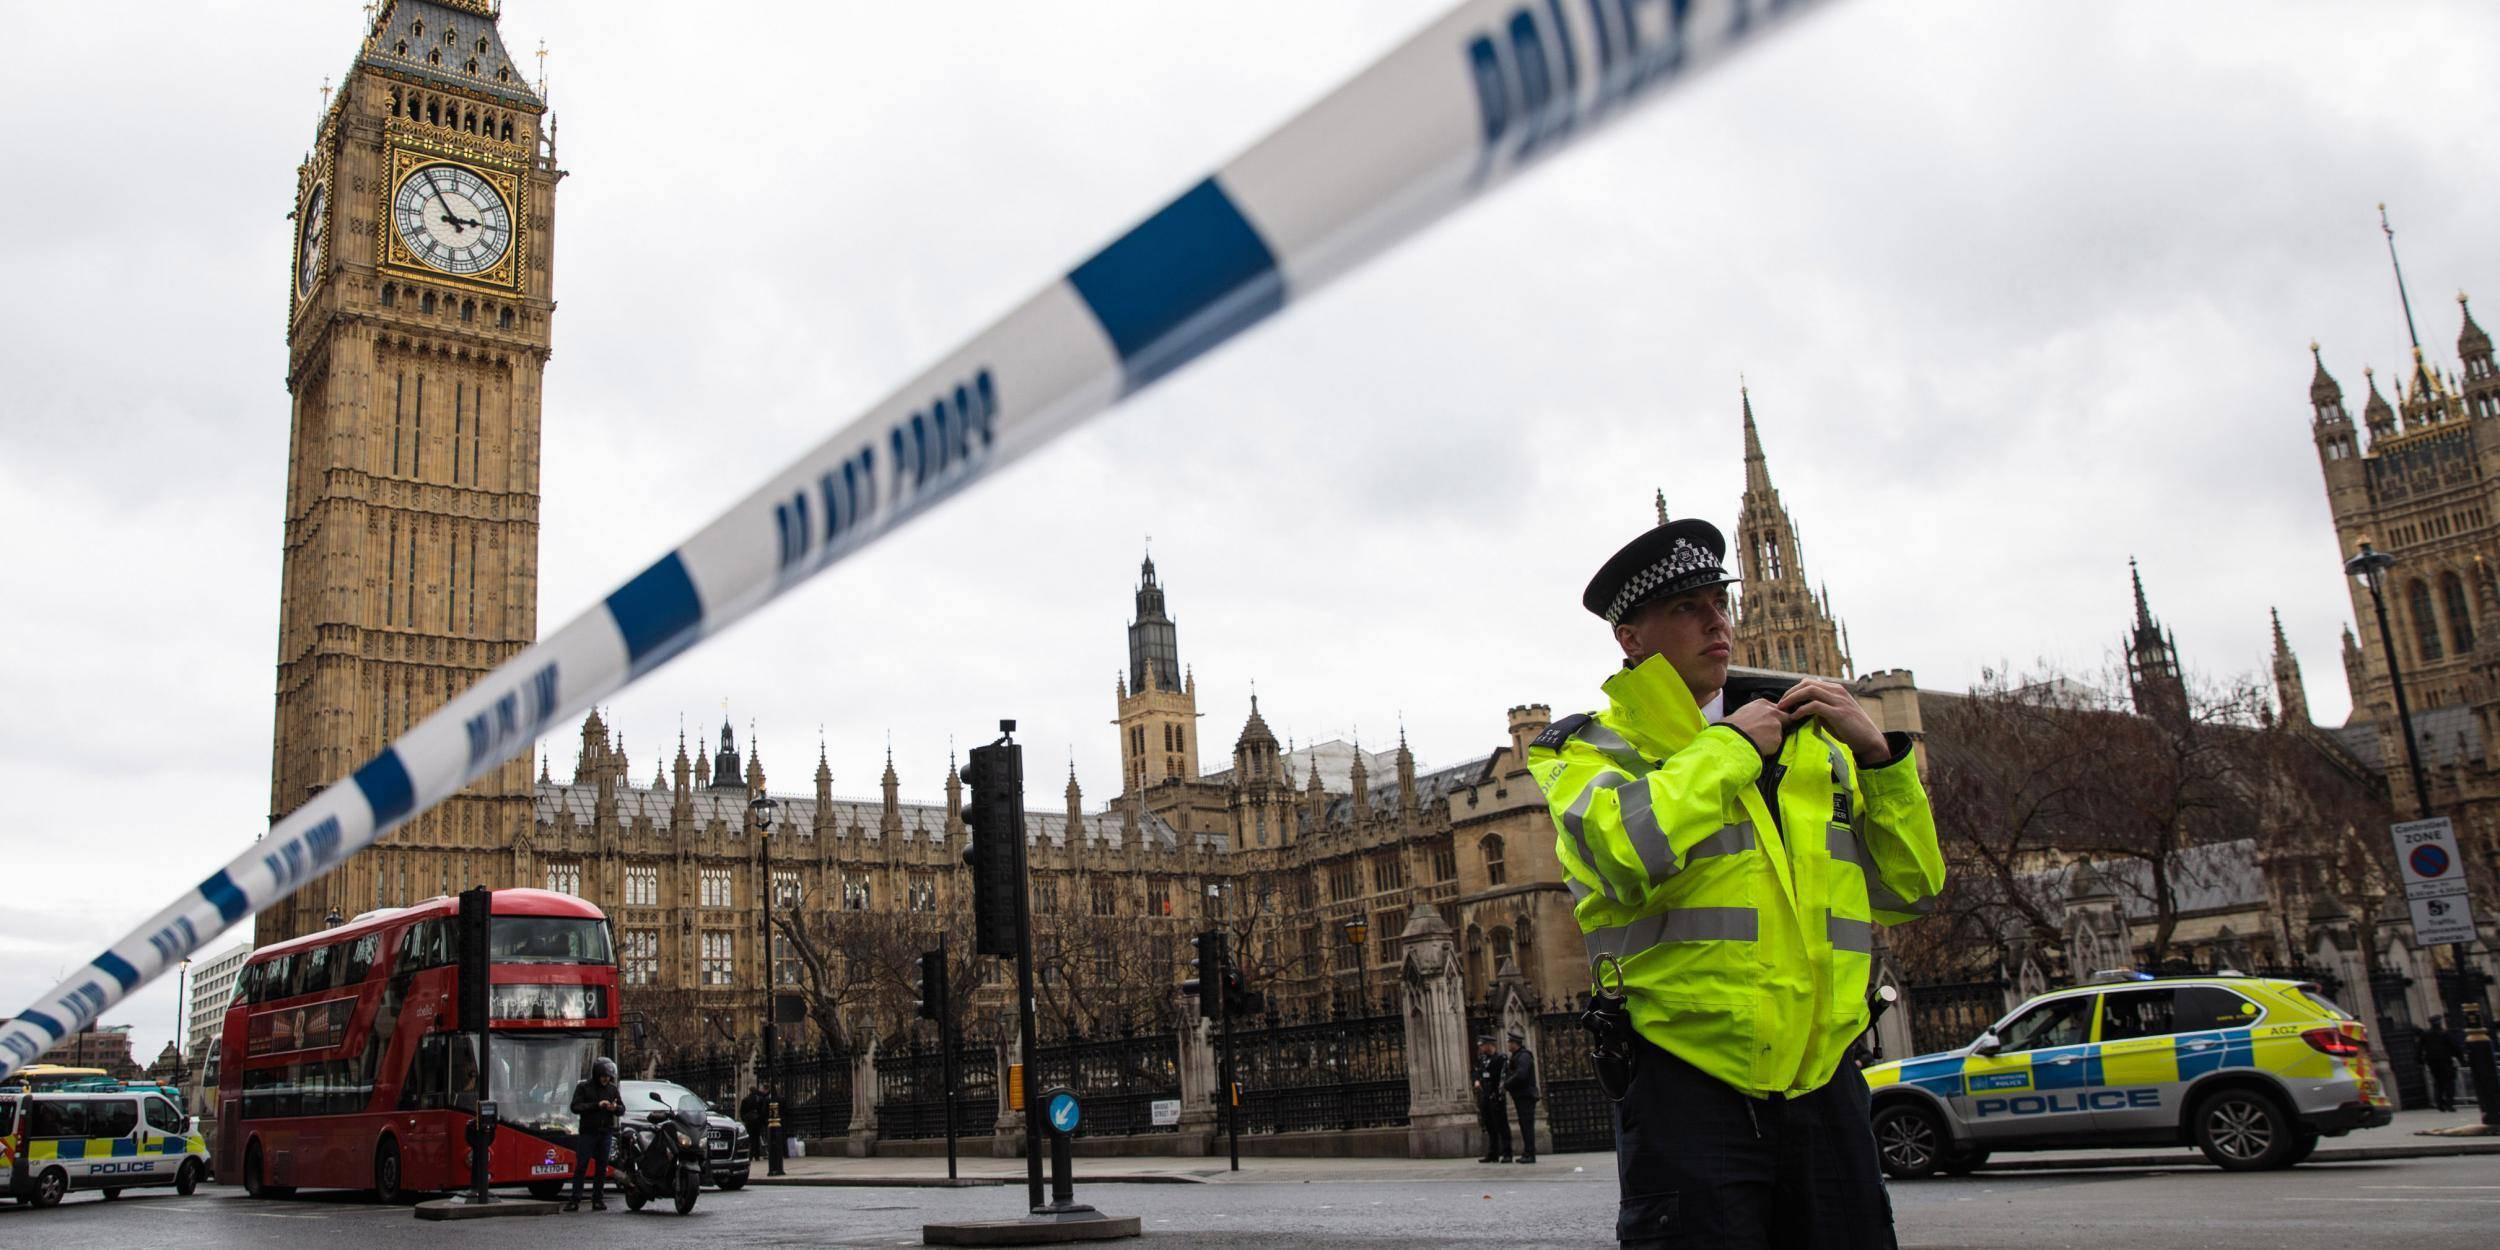 Terrorismo, la simulazione di attentato finisce malissimo